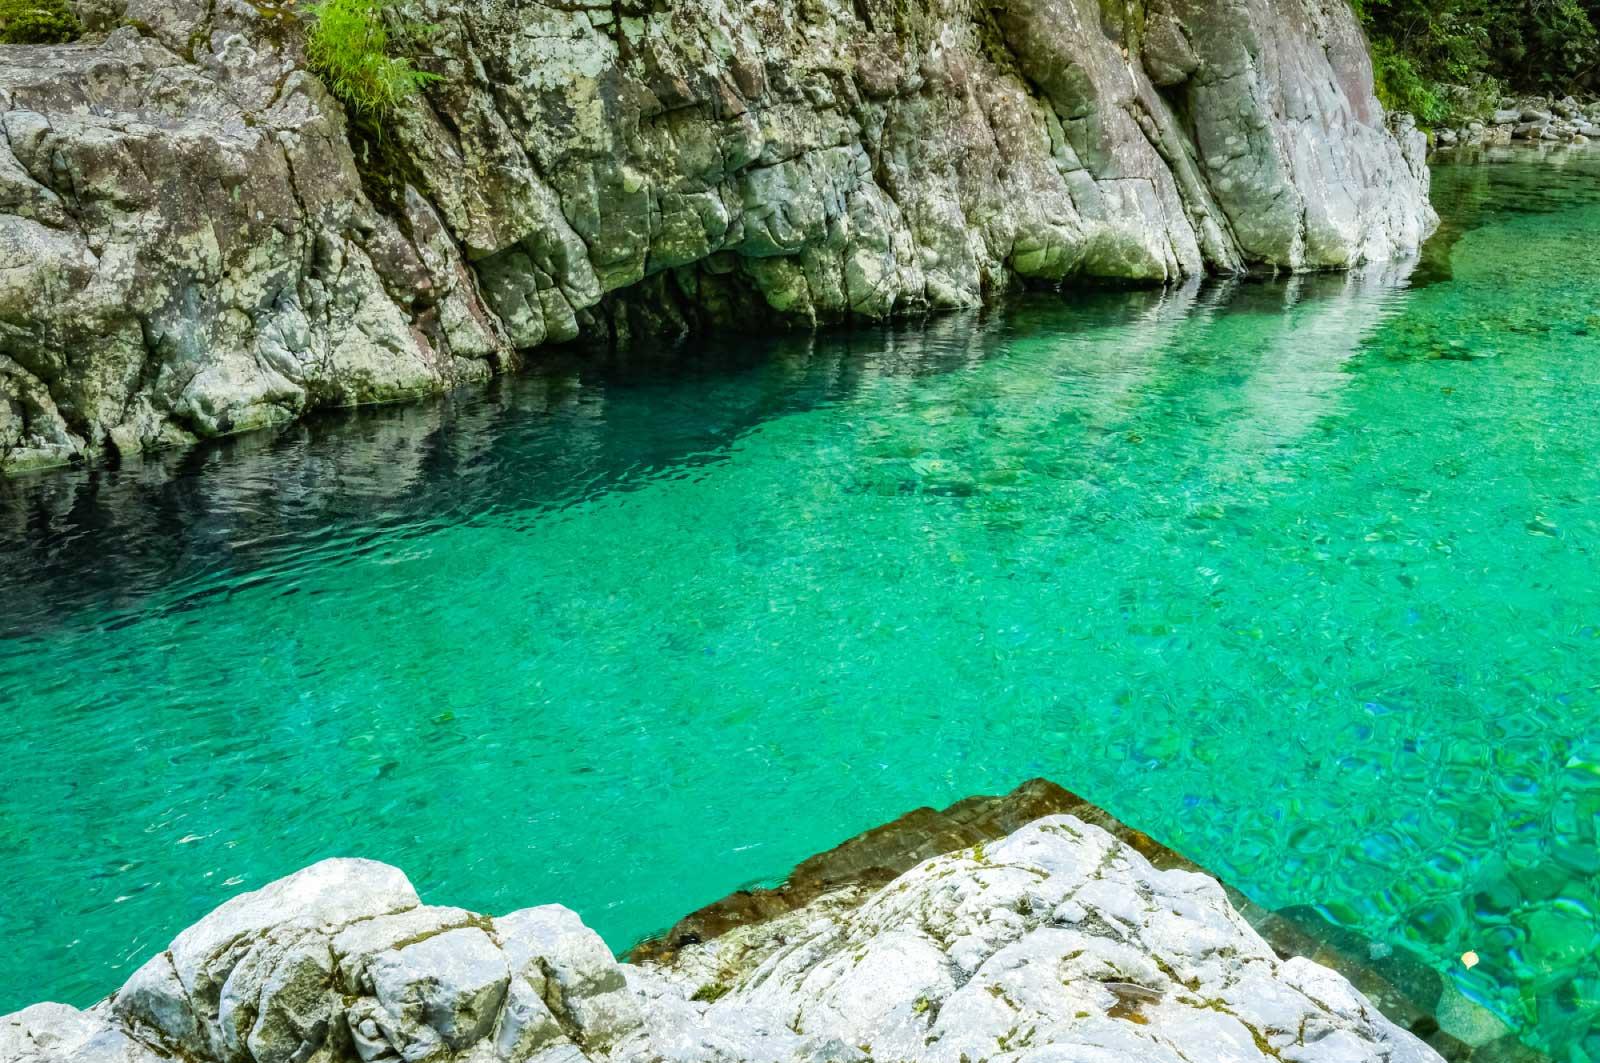 透明でエメラルドグリーンの水が流れる渓谷